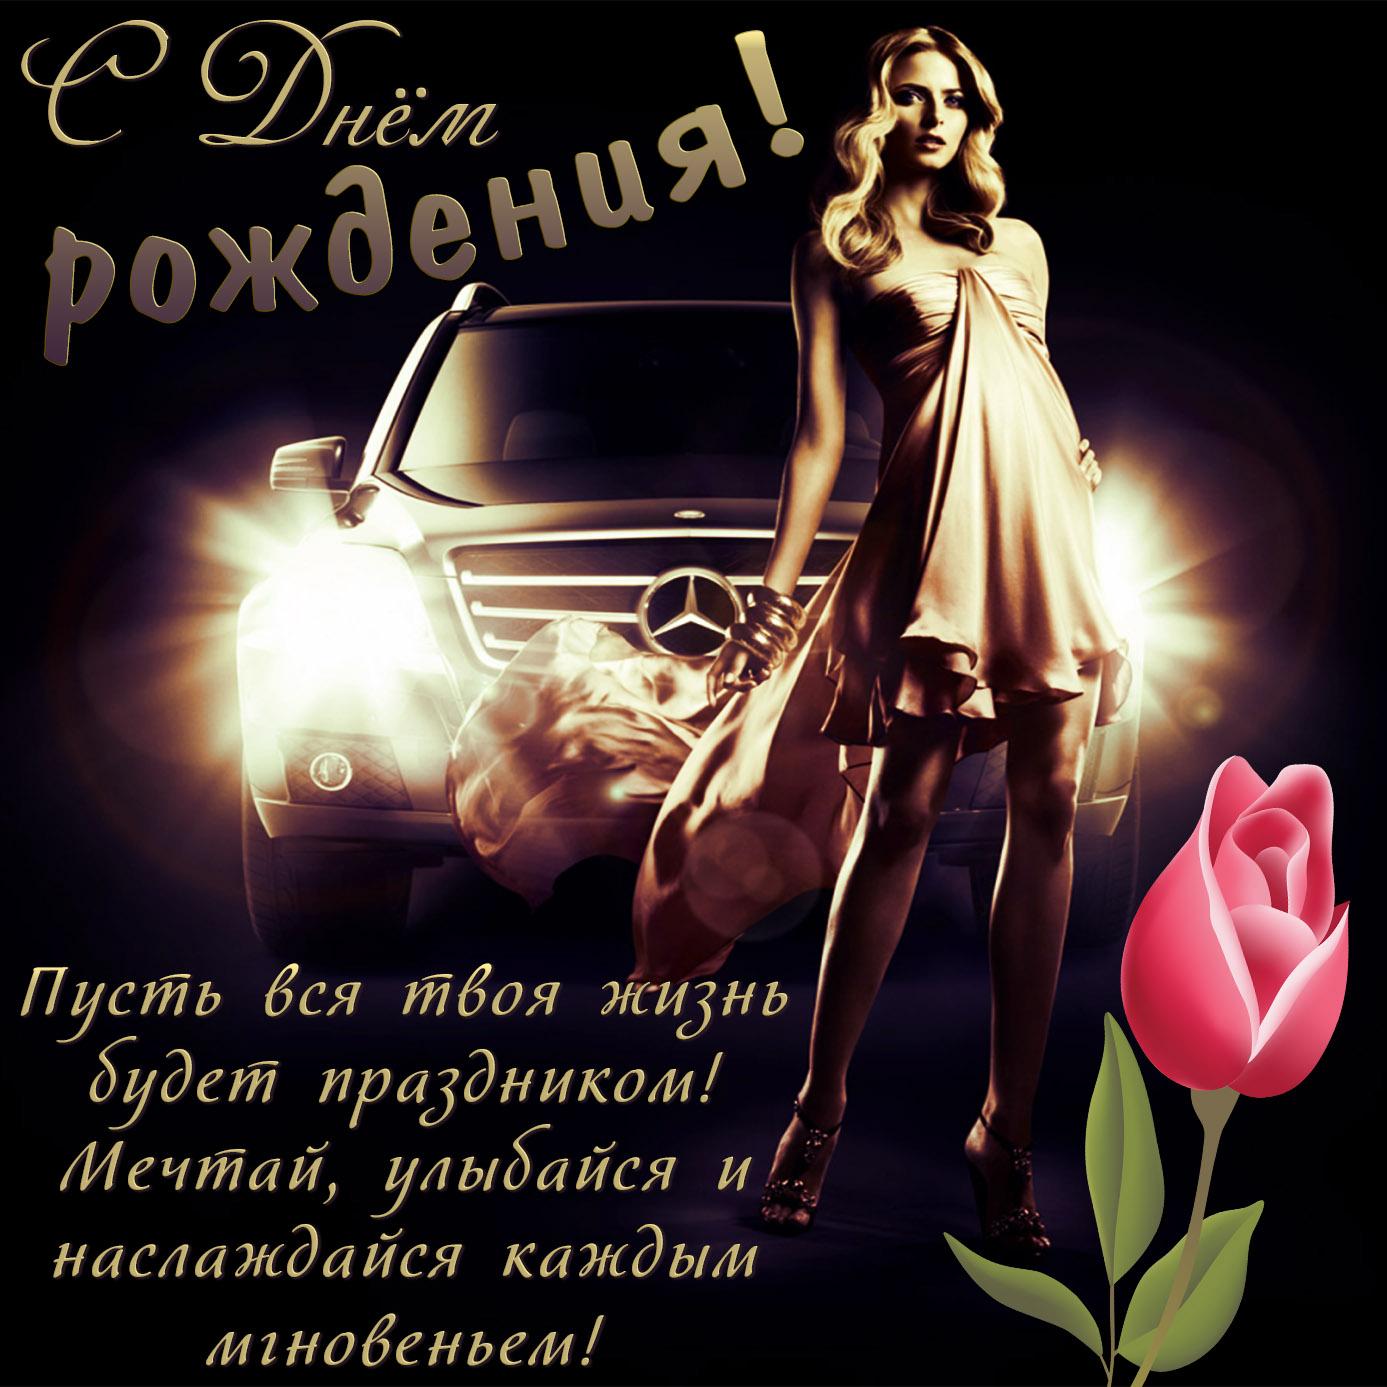 Девушка у машины на красивой картинке